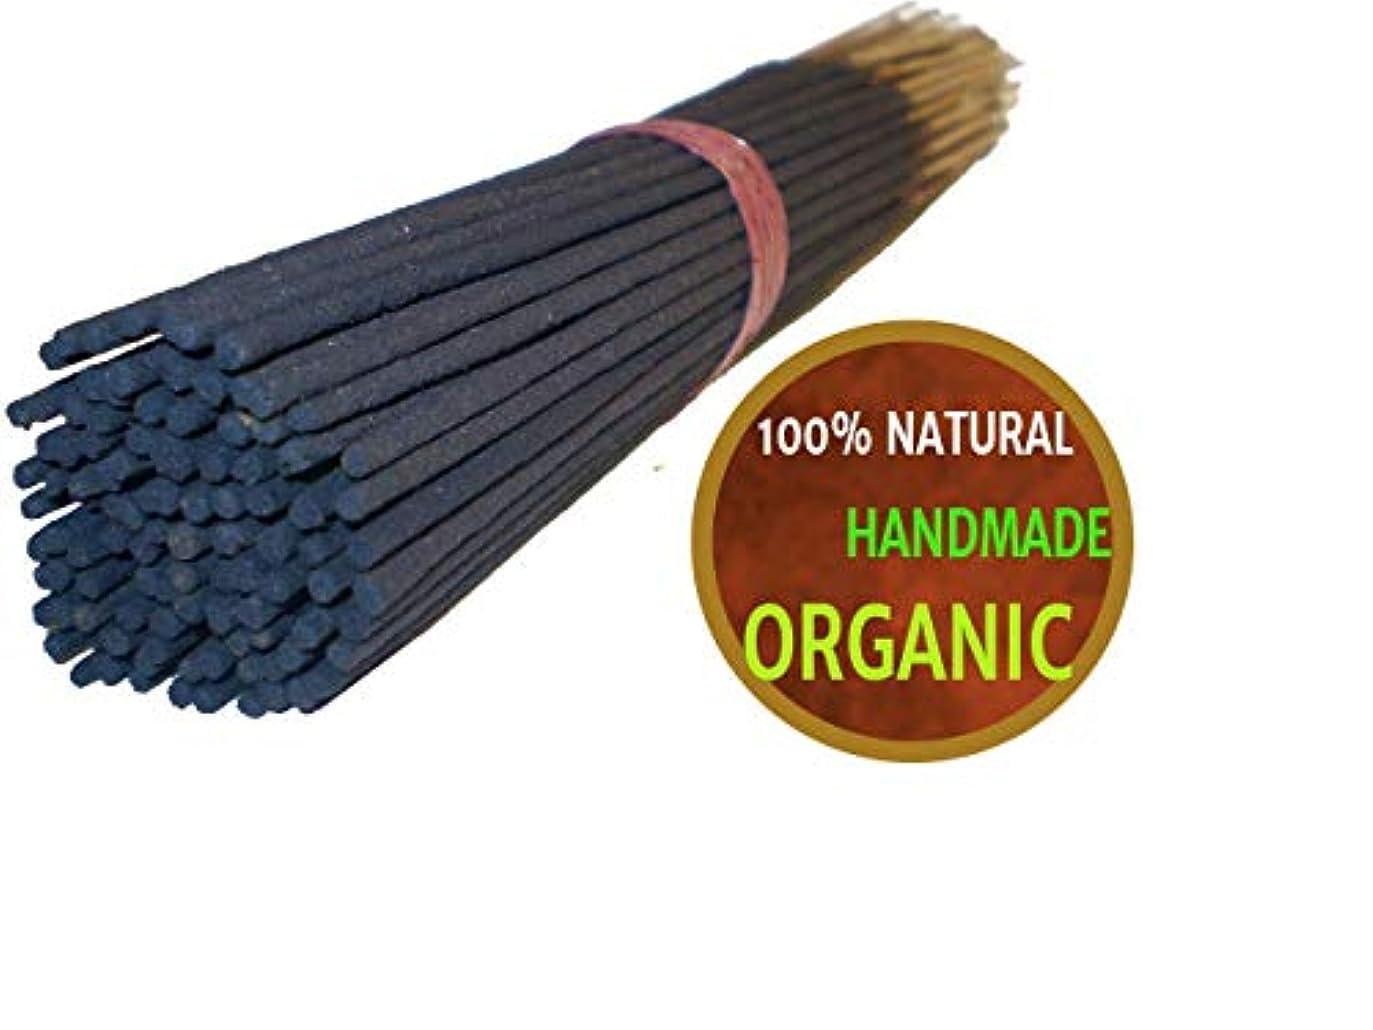 免除報いるスリラーYajna Frankincense And Myrrh 100% Natural Incense Sticks Handmade Hand Dipped The Best Woods Scent 100 Pack